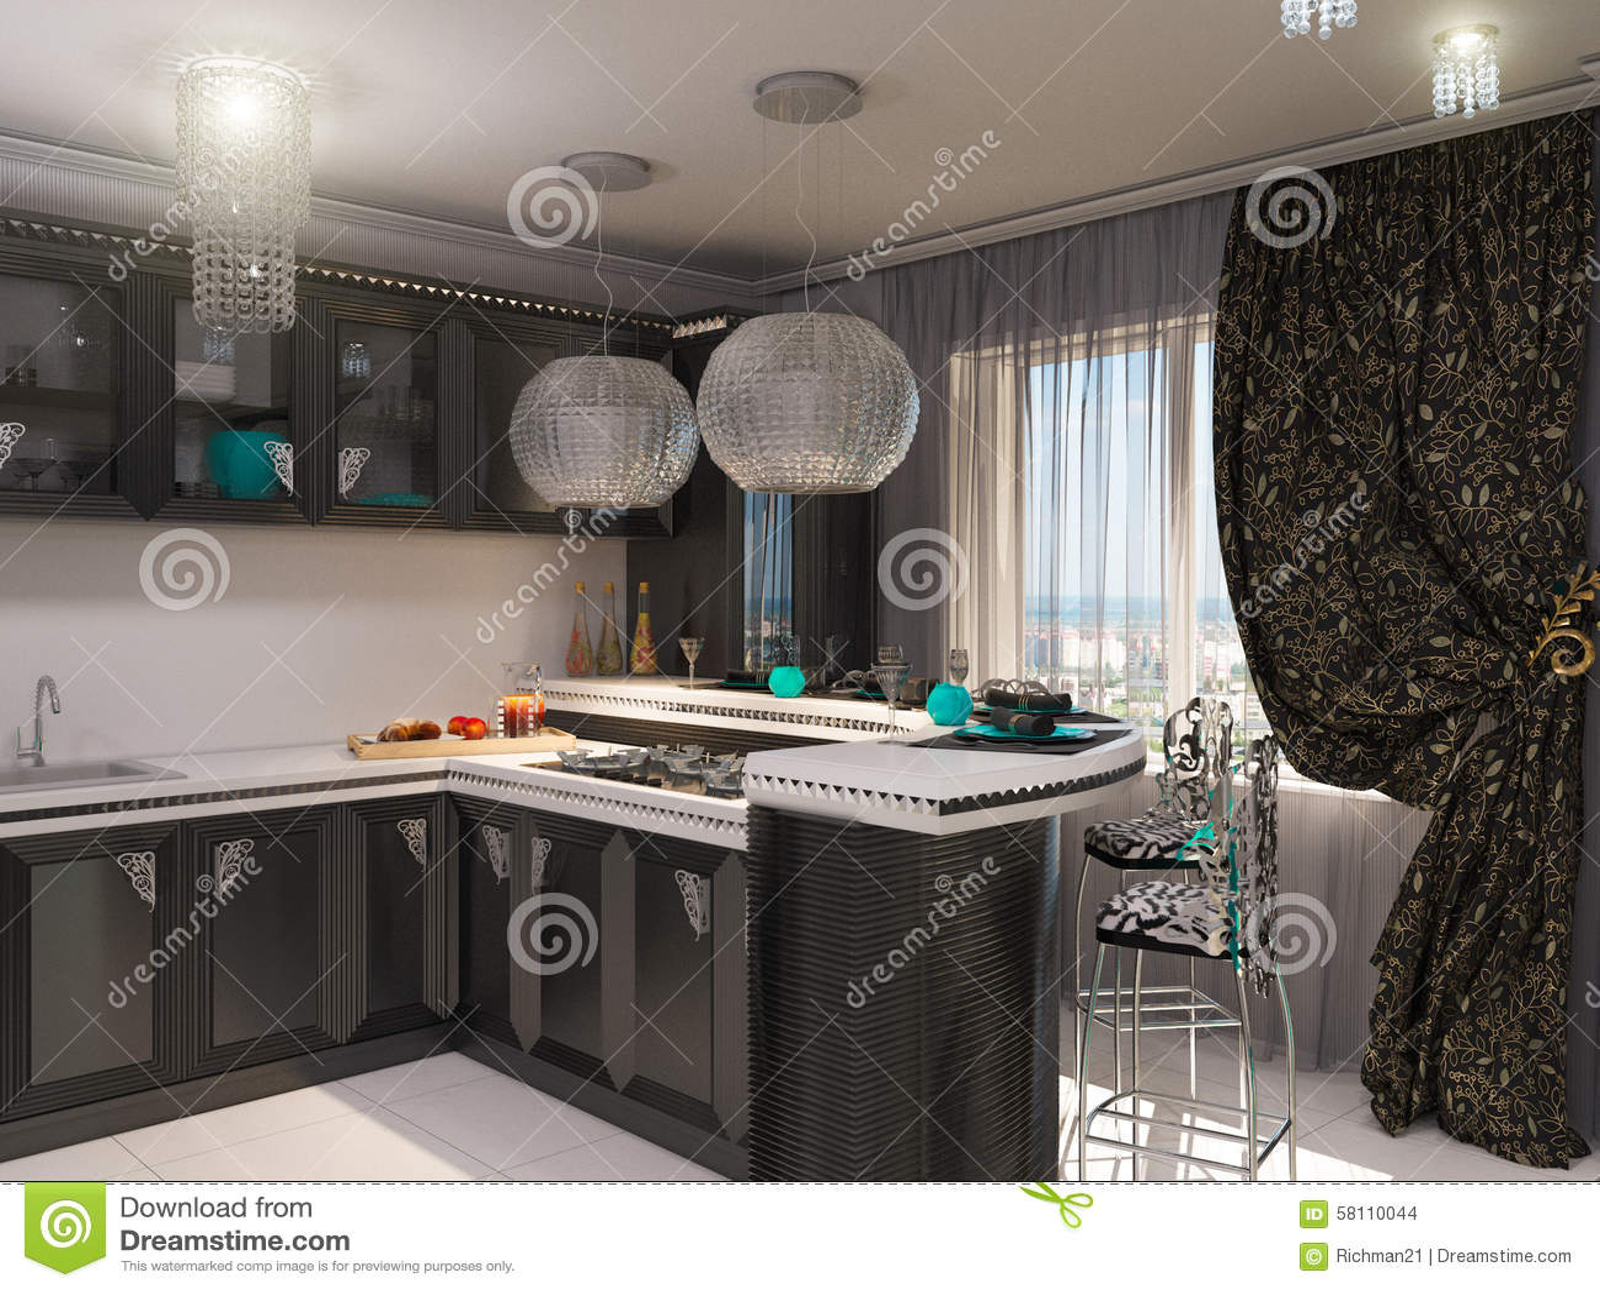 D illustratie van een keuken in stijl van een art deco stock